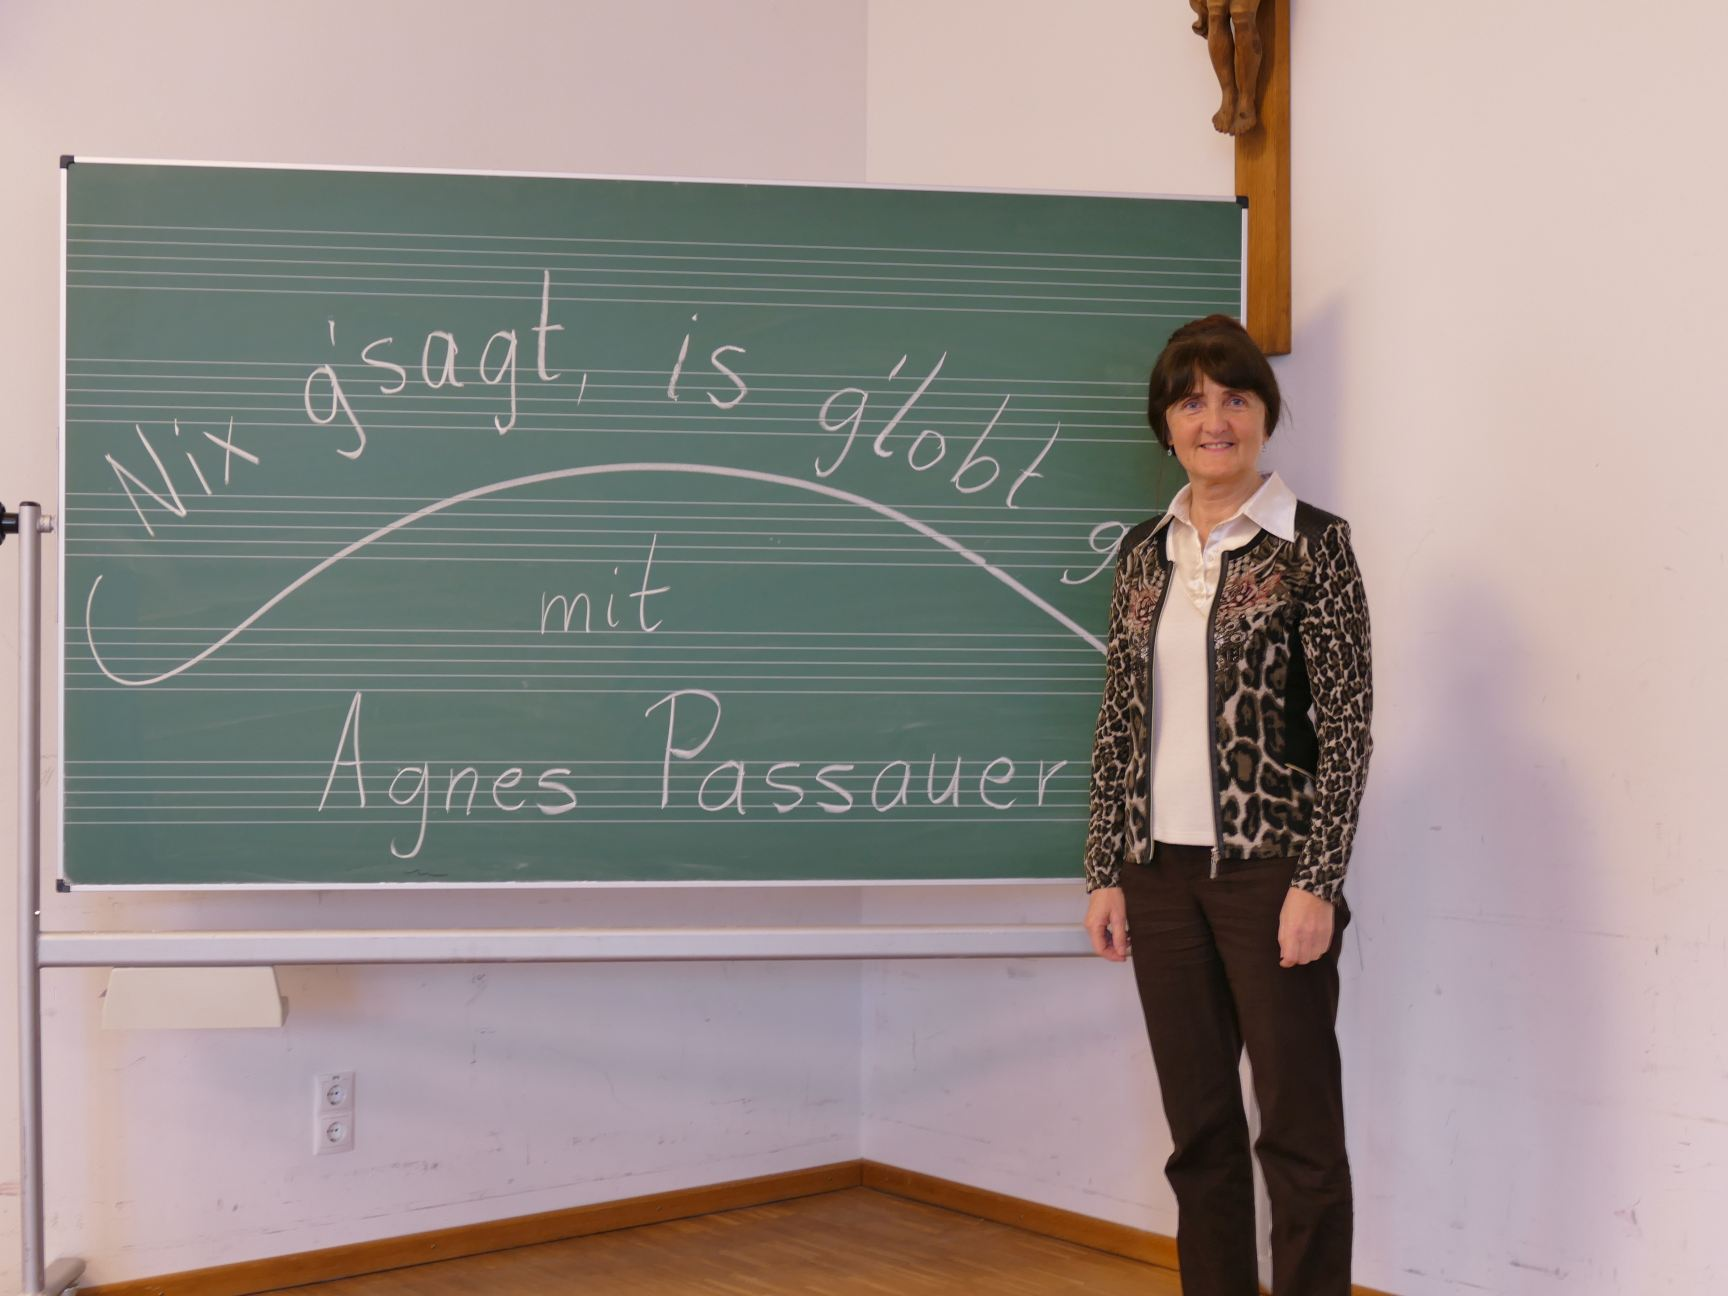 """""""Nix g'sagt, is' g'lobt gnua""""     mit Agnes Passauer"""